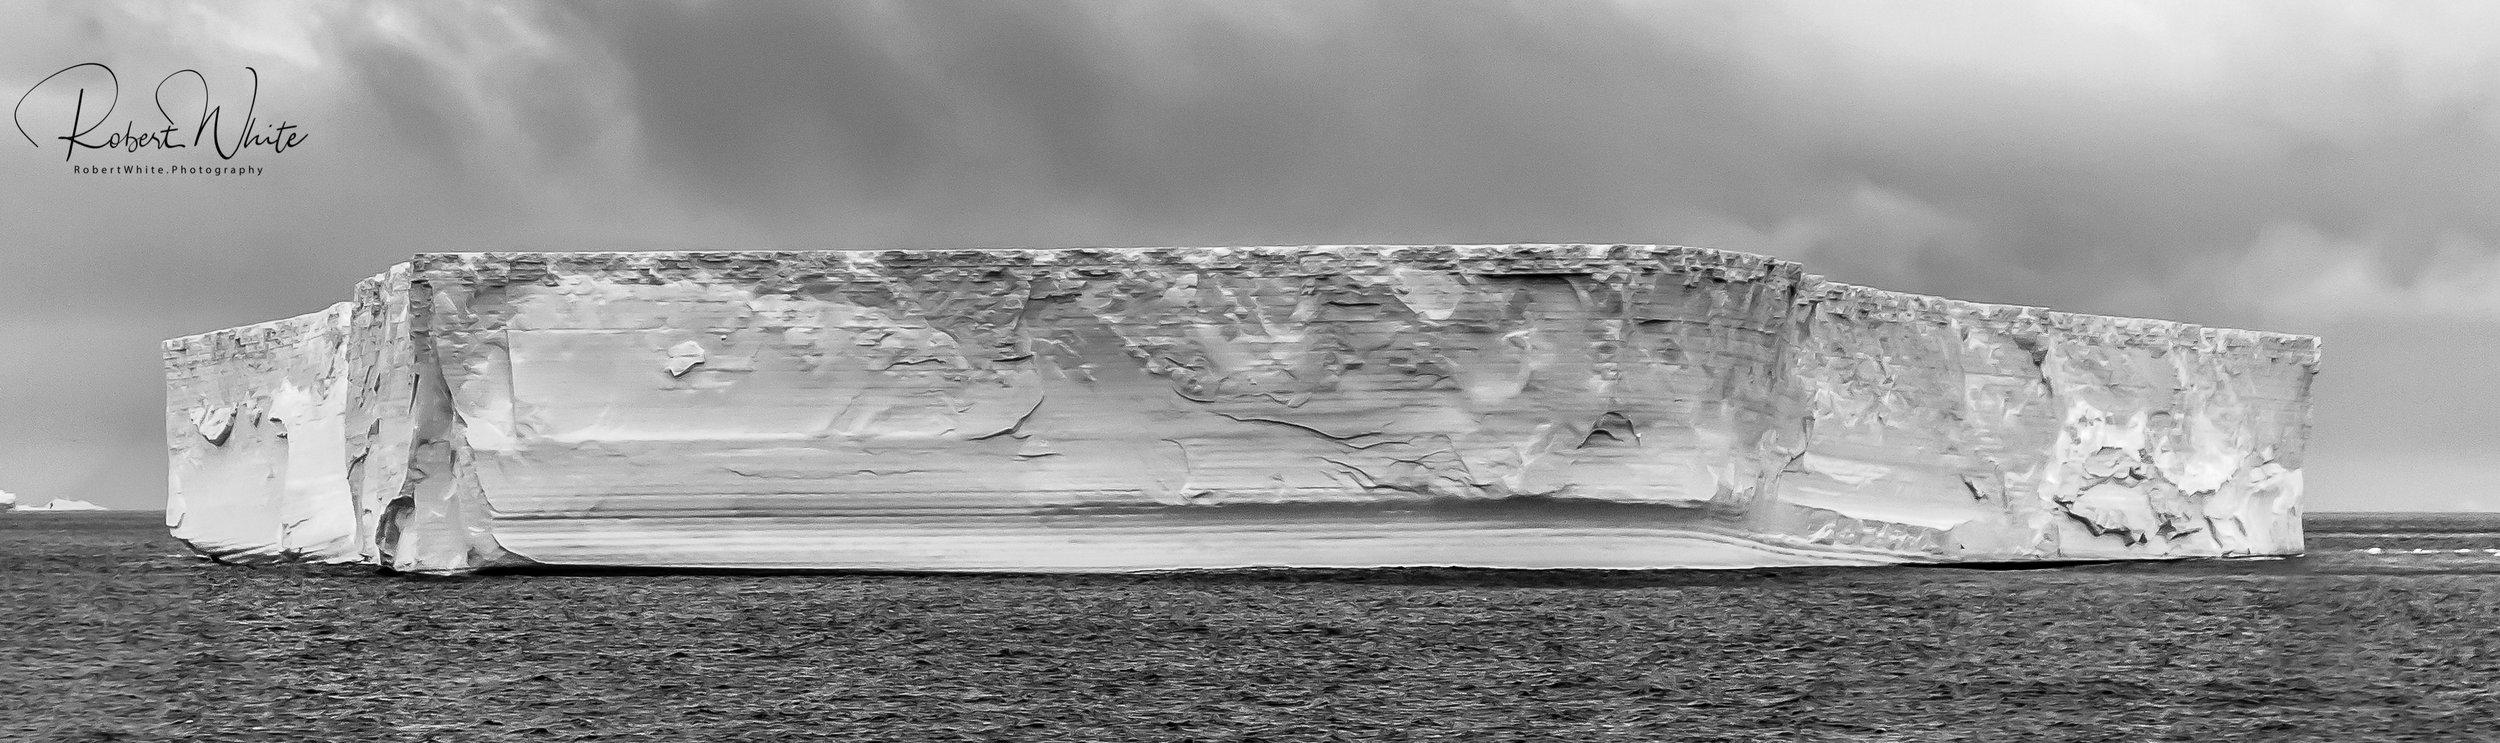 Antarctic 1 jpg